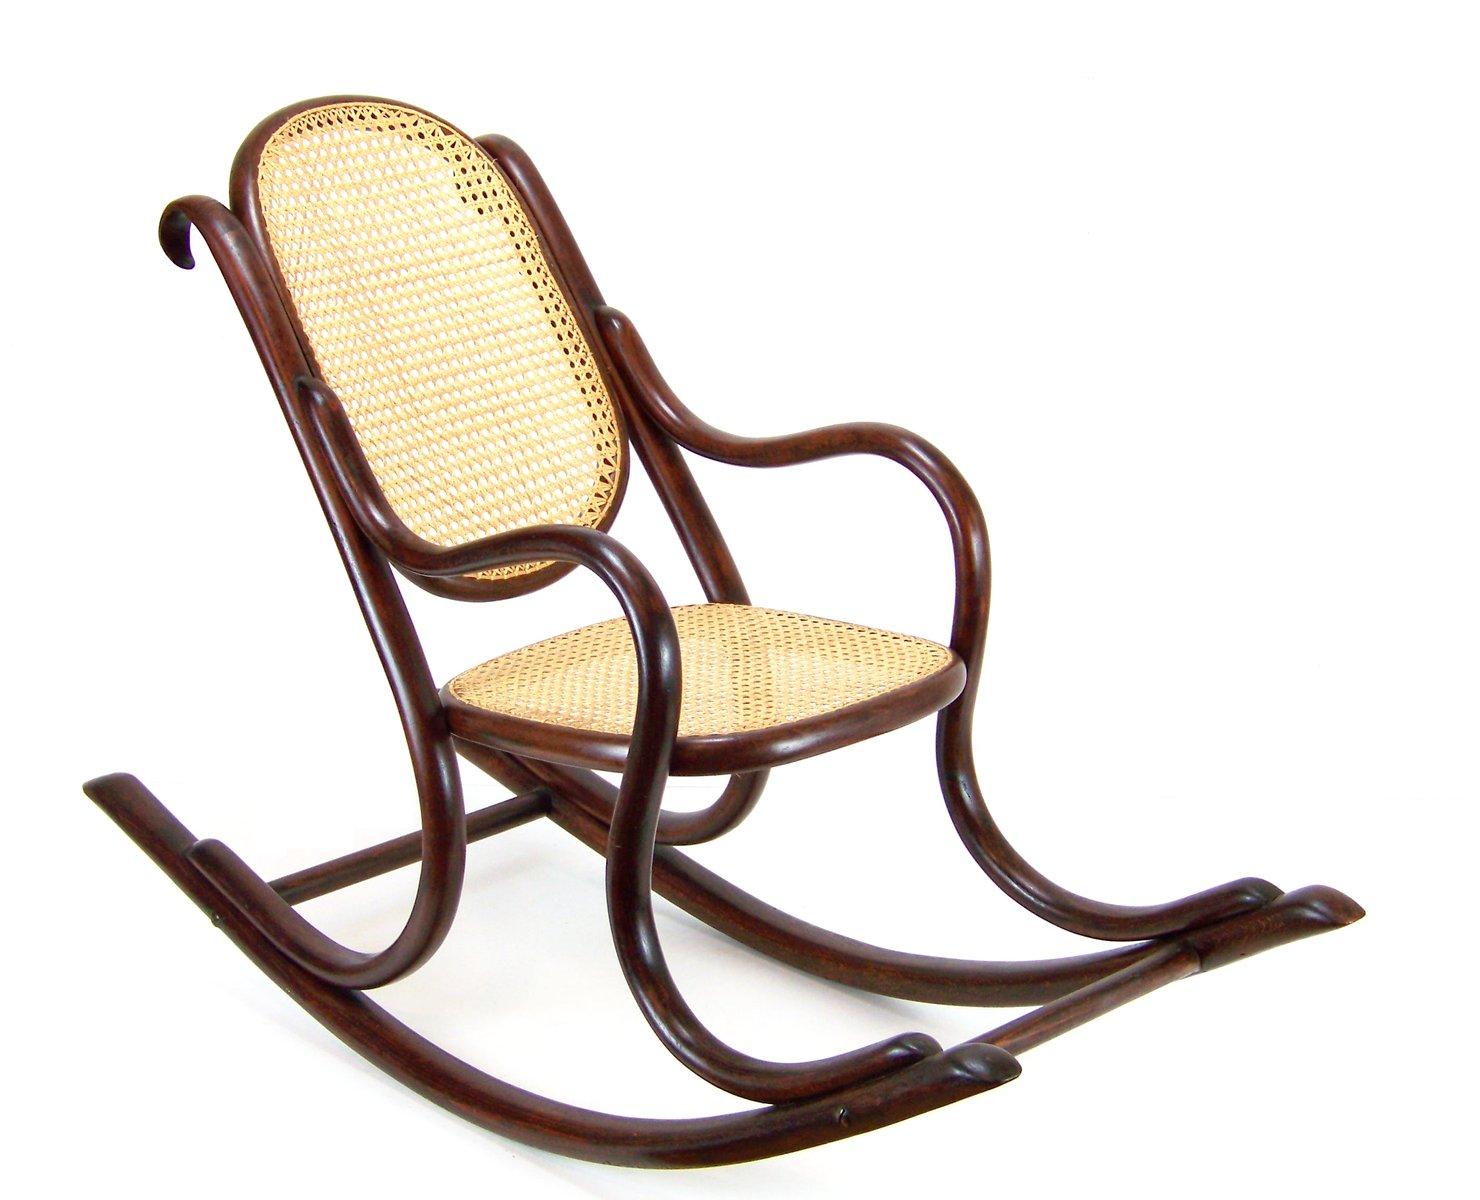 chaise a bascule pour enfant number 2 de fischel 1890s en. Black Bedroom Furniture Sets. Home Design Ideas